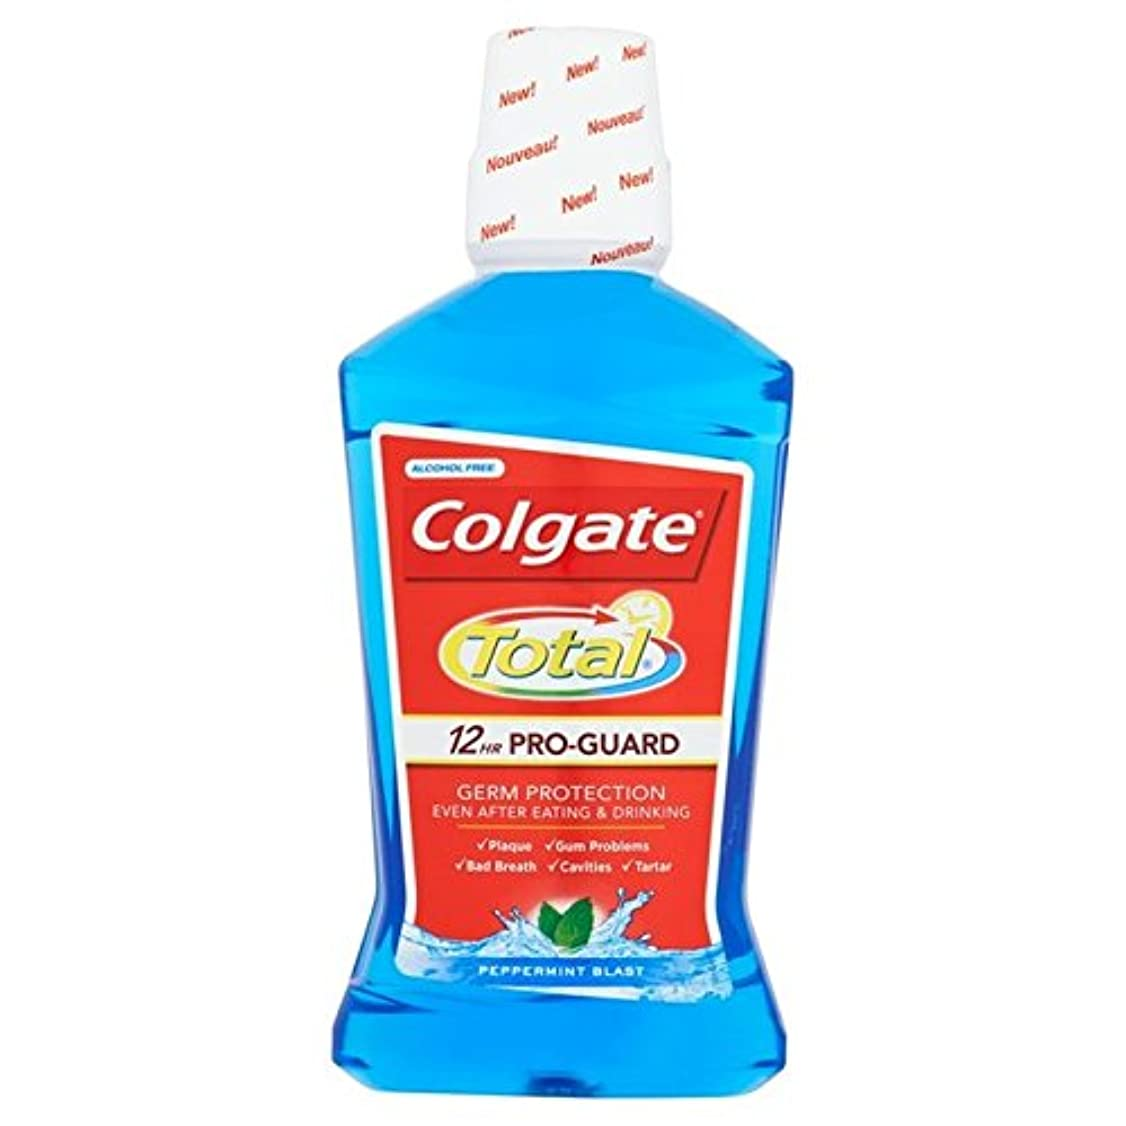 勘違いする人質すずめコルゲートトータル高度なブルーマウスウォッシュ500ミリリットル x4 - Colgate Total Advanced Blue Mouthwash 500ml (Pack of 4) [並行輸入品]